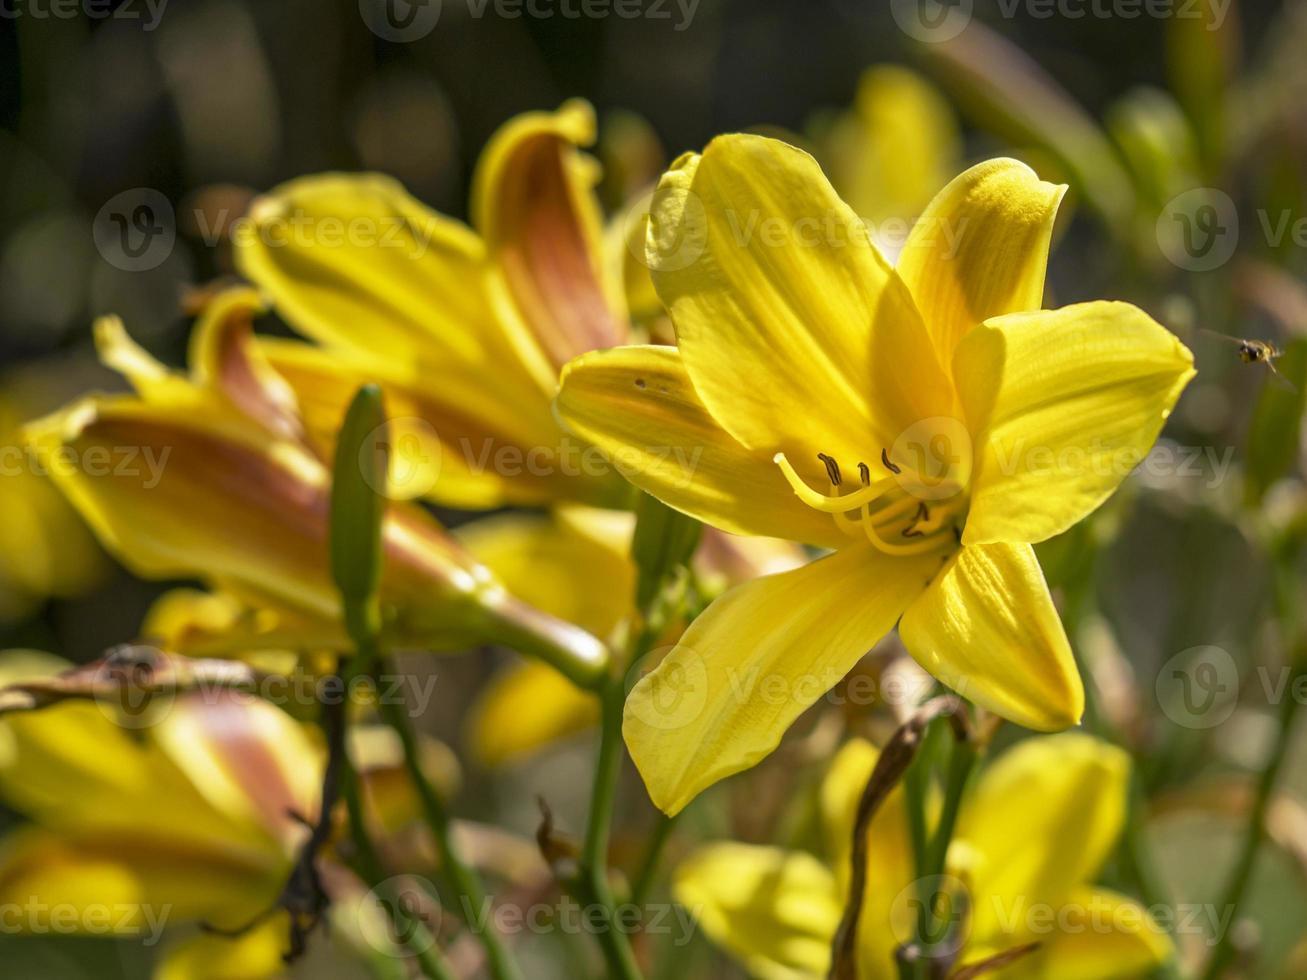 Hemerocallis daylily flores de color amarillo brillante en un jardín. foto